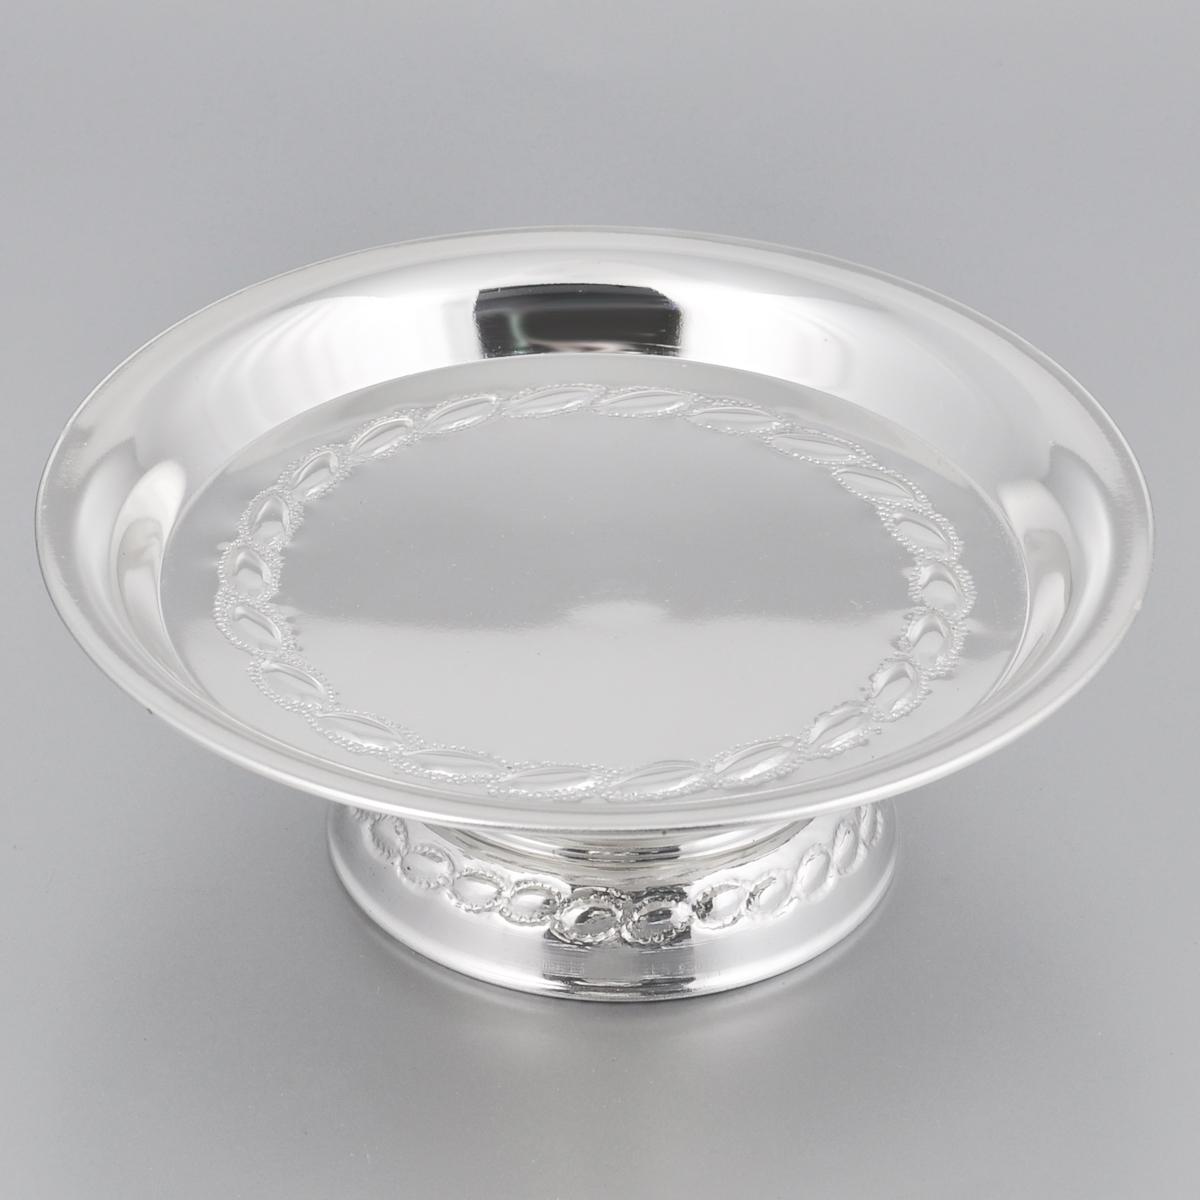 Ваза универсальная Marquis, диаметр 16,5 см ваза универсальная marquis 30 см х 30 см 3093 mr